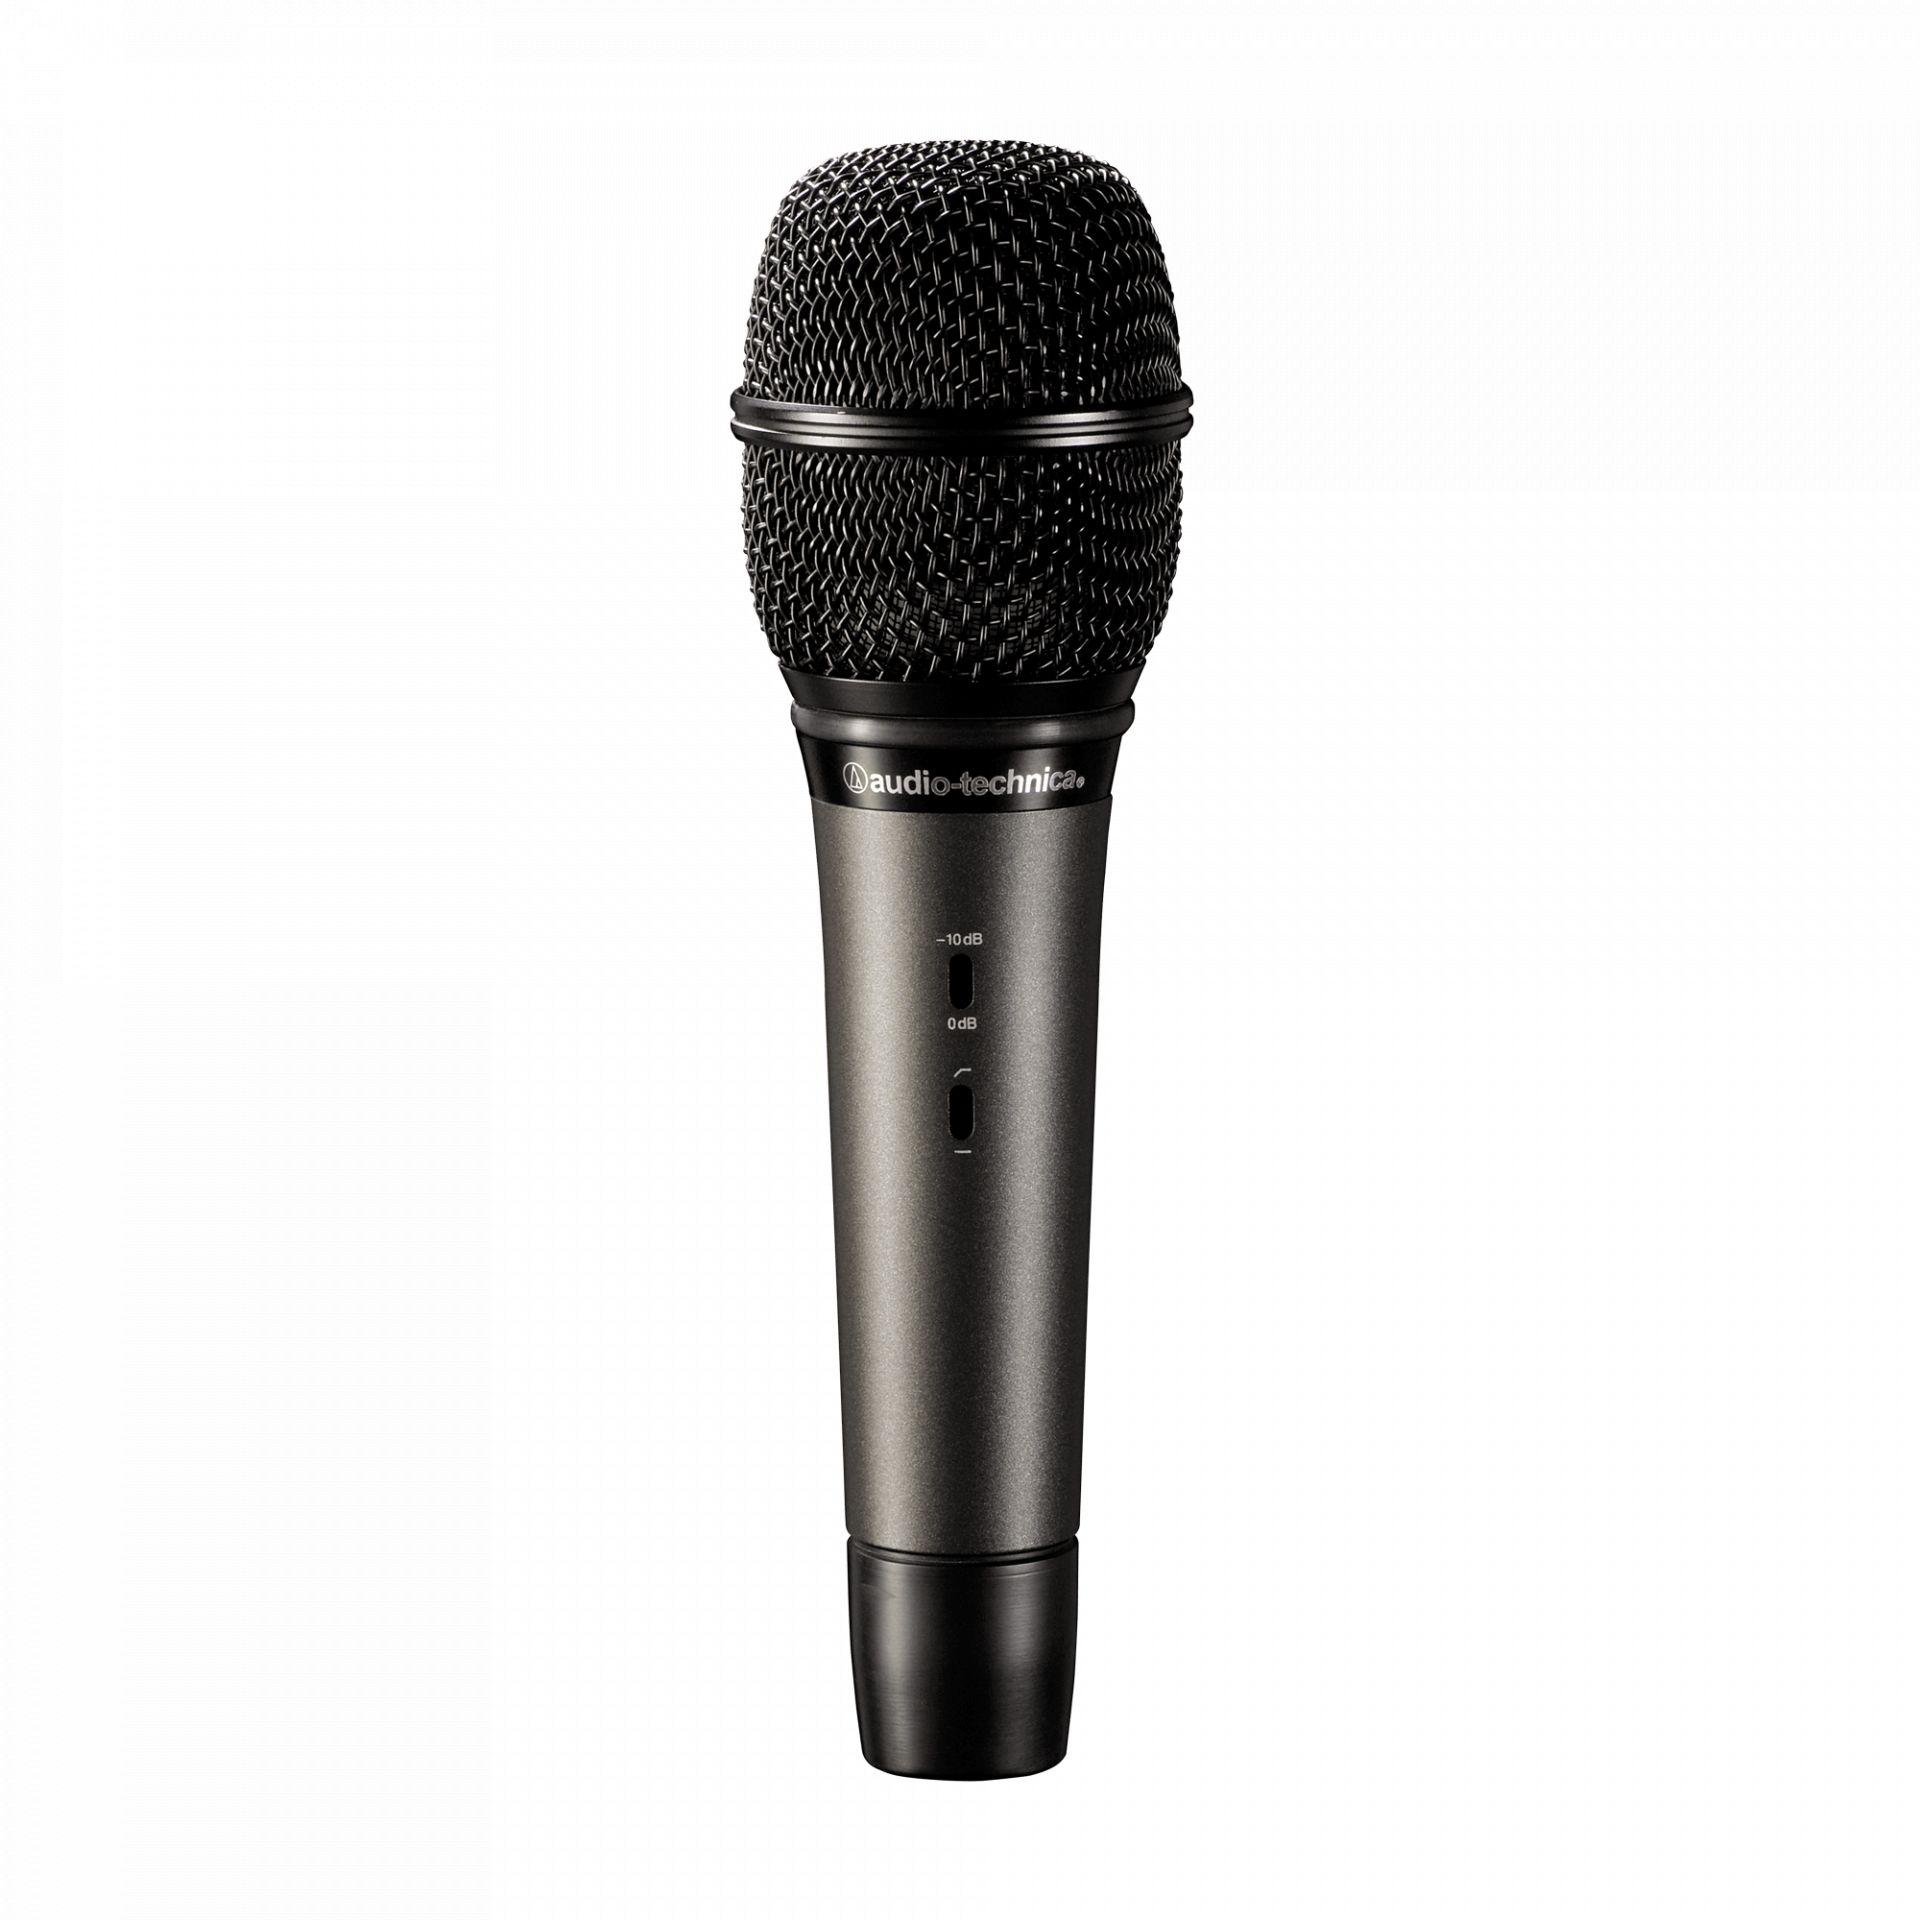 Audio-Technica Atm710 Micrófono cardioide condensador de mano